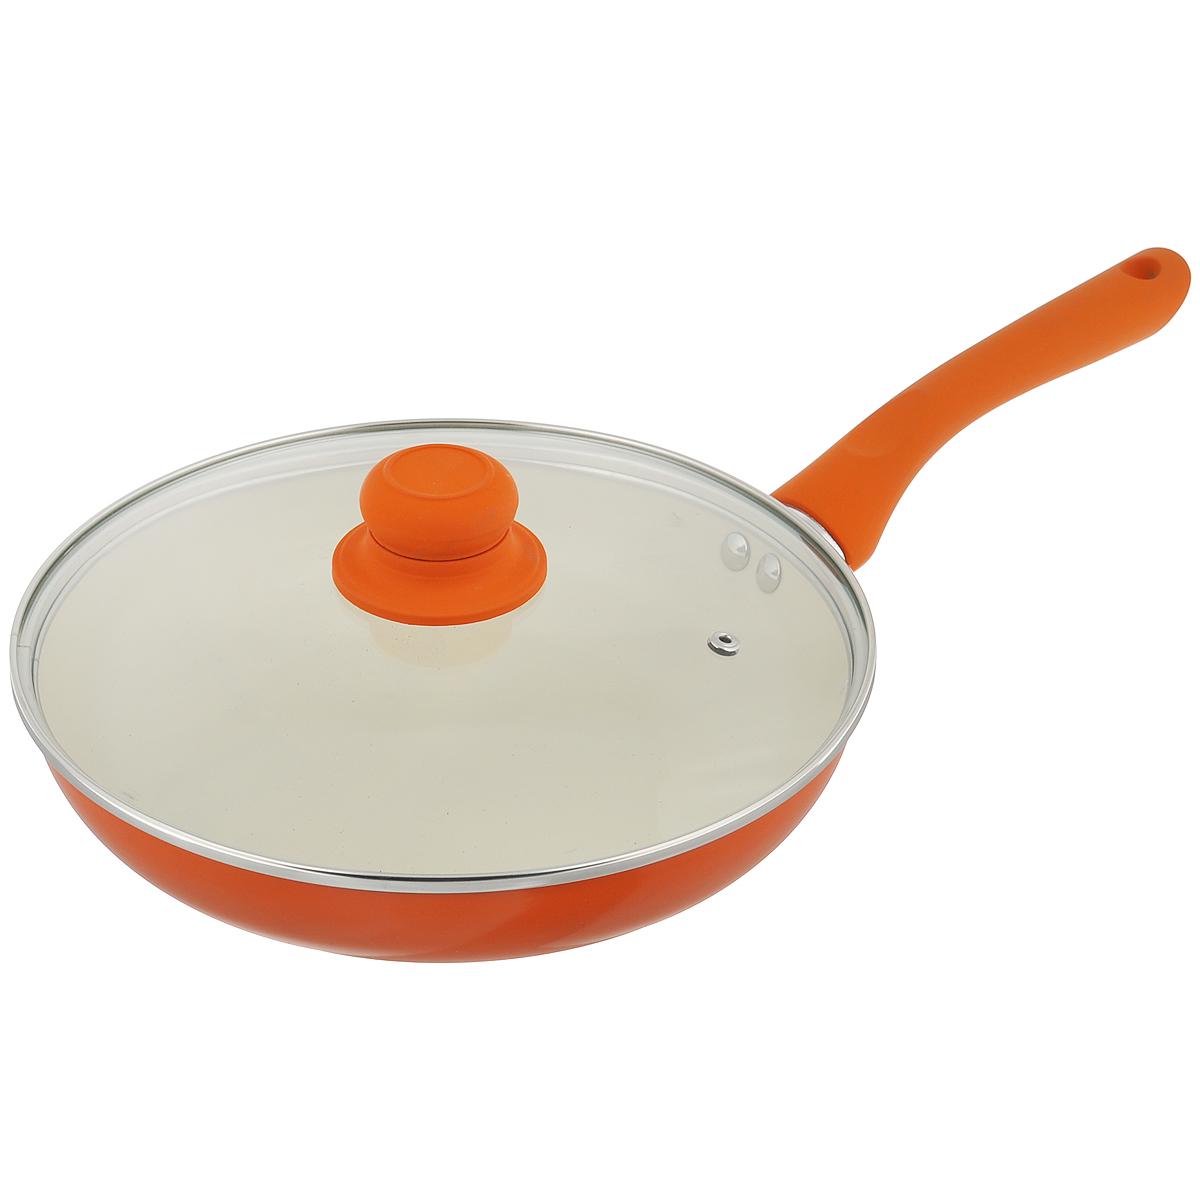 Сковорода Mayer & Boch с крышкой, с керамическим покрытием, цвет: оранжевый. Диаметр 26 см. 2227622276Сковорода Mayer & Boch изготовлена из алюминия с высококачественным керамическим покрытием. Керамика не содержит вредных примесей ПФОК, что способствует здоровому и экологичному приготовлению пищи. Кроме того, с таким покрытием пища не пригорает и не прилипает к стенкам, поэтому можно готовить с минимальным добавлением масла и жиров. Гладкая, идеально ровная поверхность сковороды легко чистится, ее можно мыть в воде руками или вытирать полотенцем. Эргономичная ручка специального дизайна выполнена из силикона. Сковорода оснащена крышкой из жаропрочного стекла с пароотводом. Сковорода подходит для использования на газовых и электрических плитах. Также изделие можно мыть в посудомоечной машине. Диаметр: 26 см. Высота стенки: 5 см. Толщина стенки: 2,3 мм. Толщина дна: 3 мм. Длина ручки: 17 см. Диаметр дна: 16,5 см.